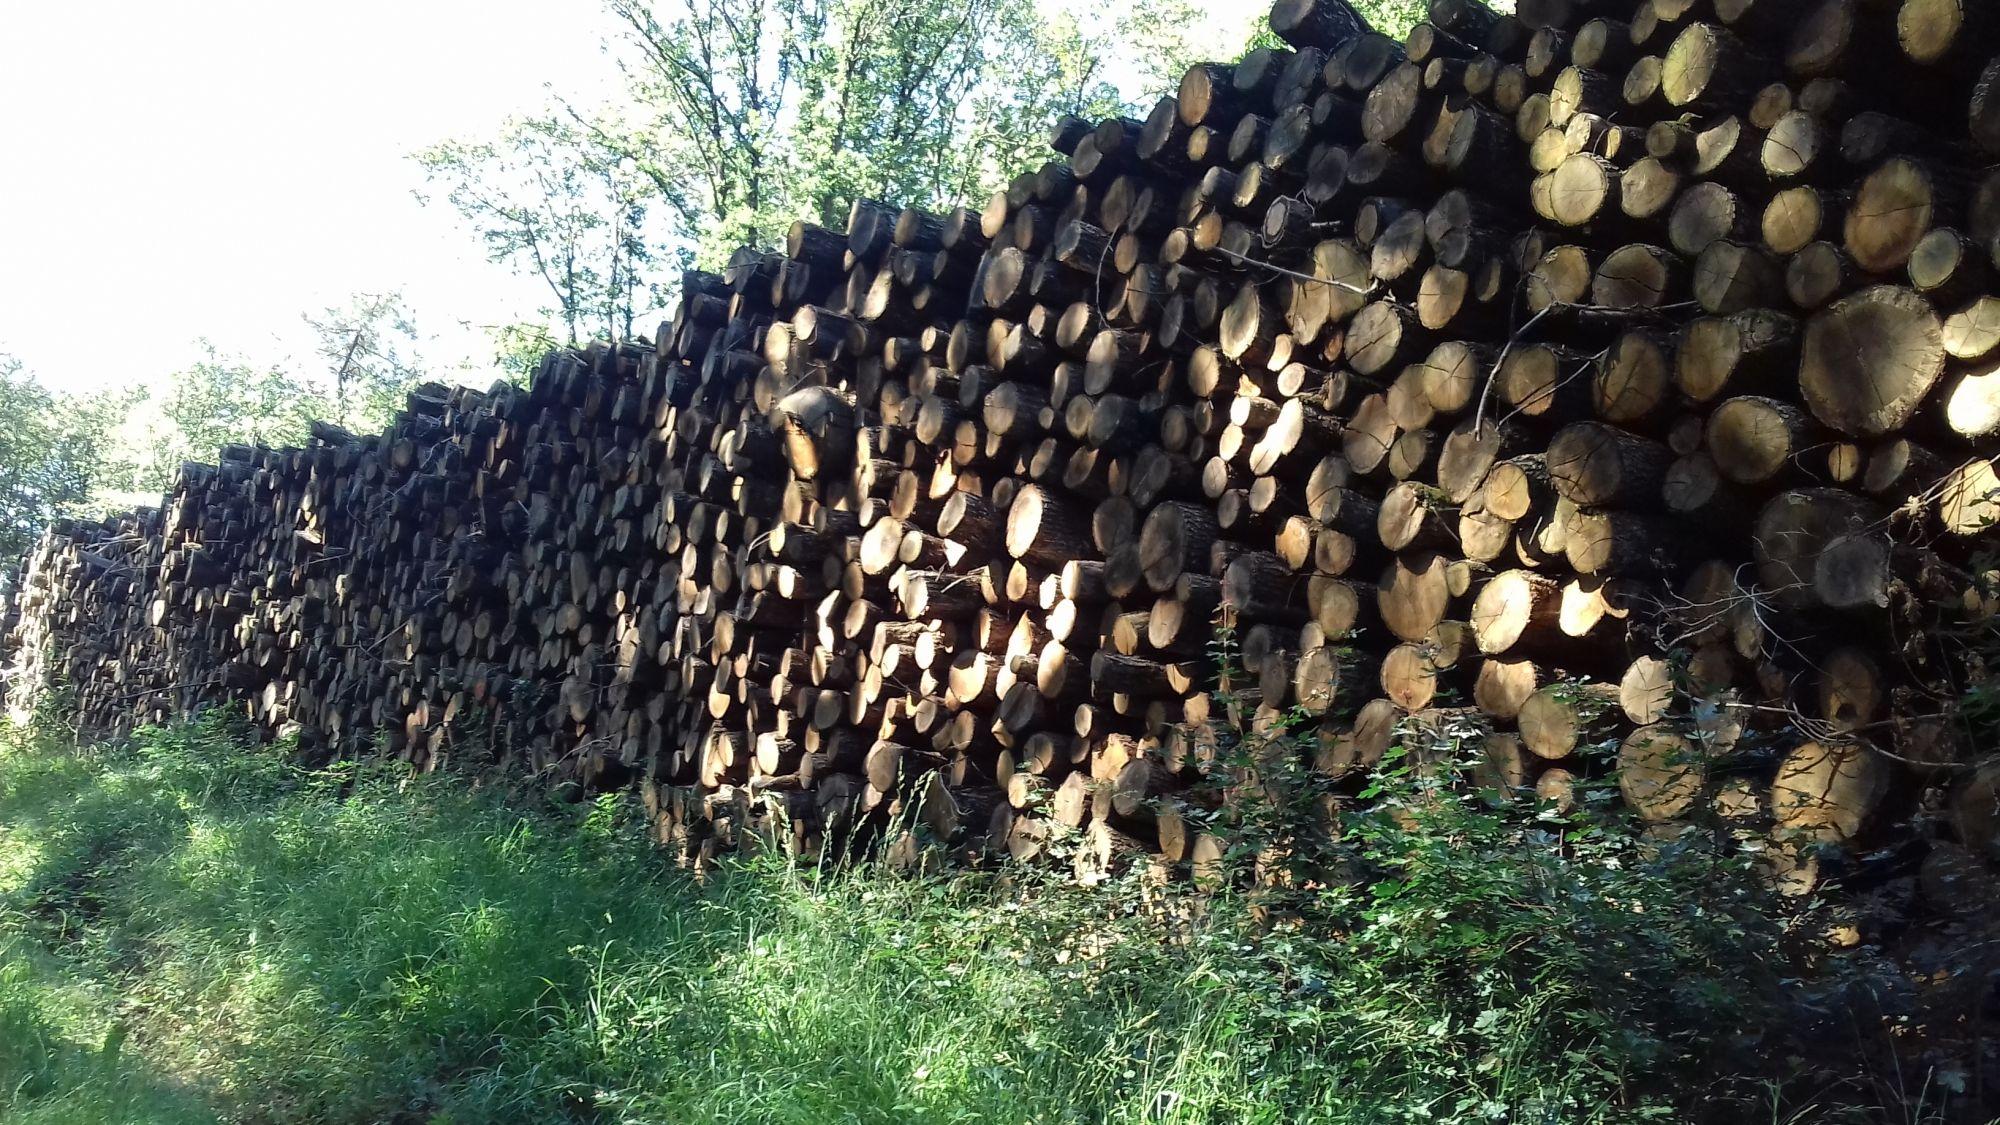 bois de chauffage 01site internet pour revendeur de combustible bois dans l'Ain